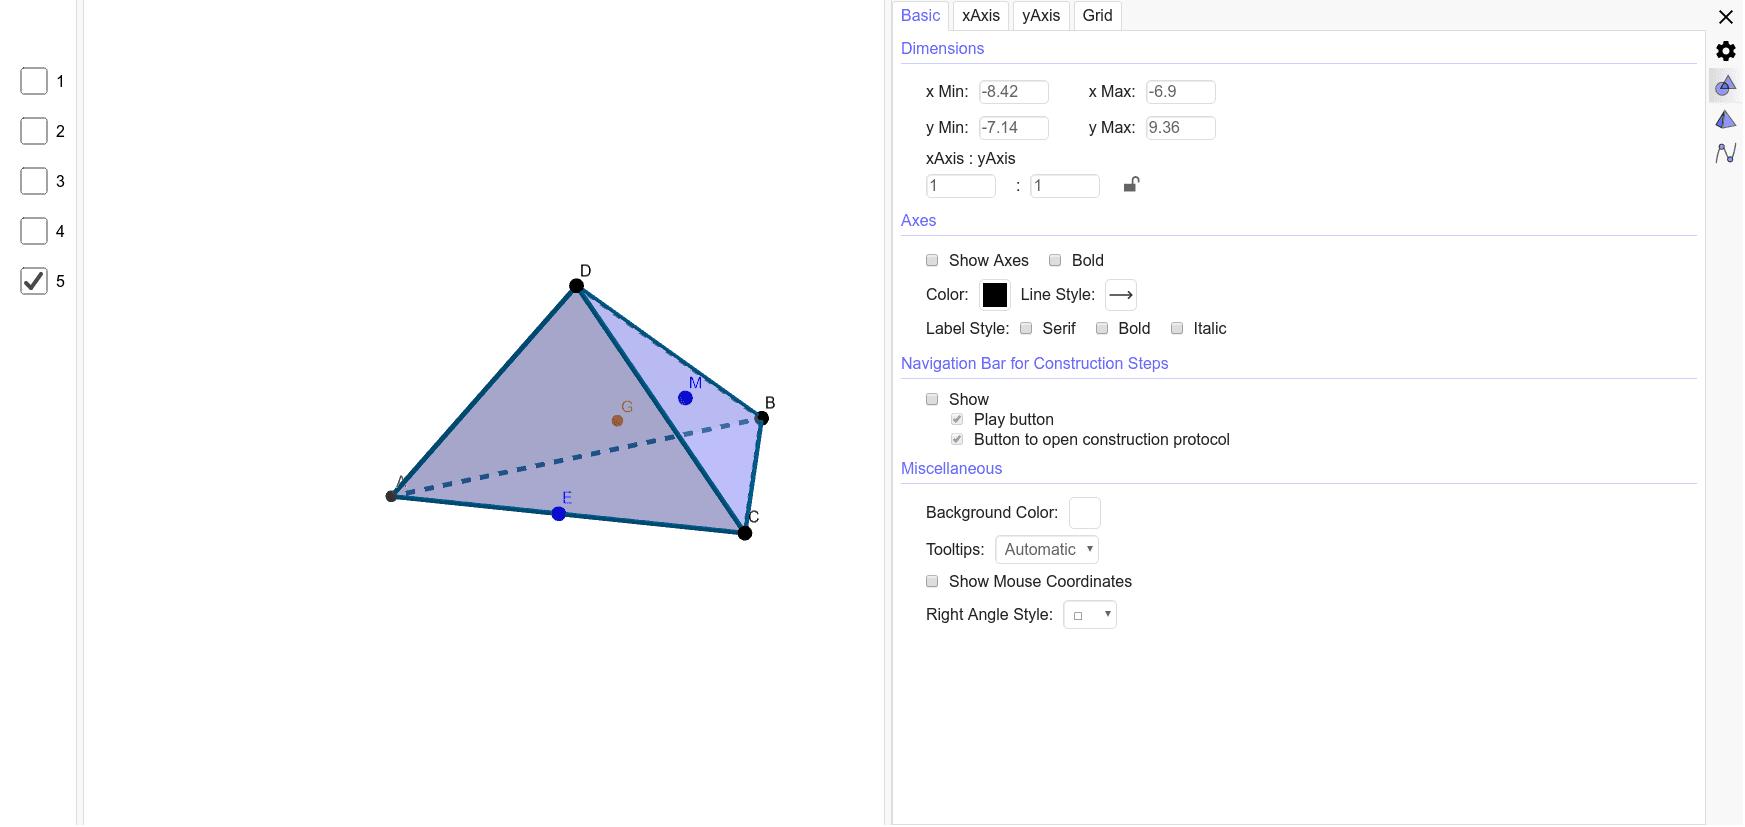 Точка М лежит в плоскости BDC. Постройте точку пересечения прямой АМ с плоскостью DBE. Press Enter to start activity